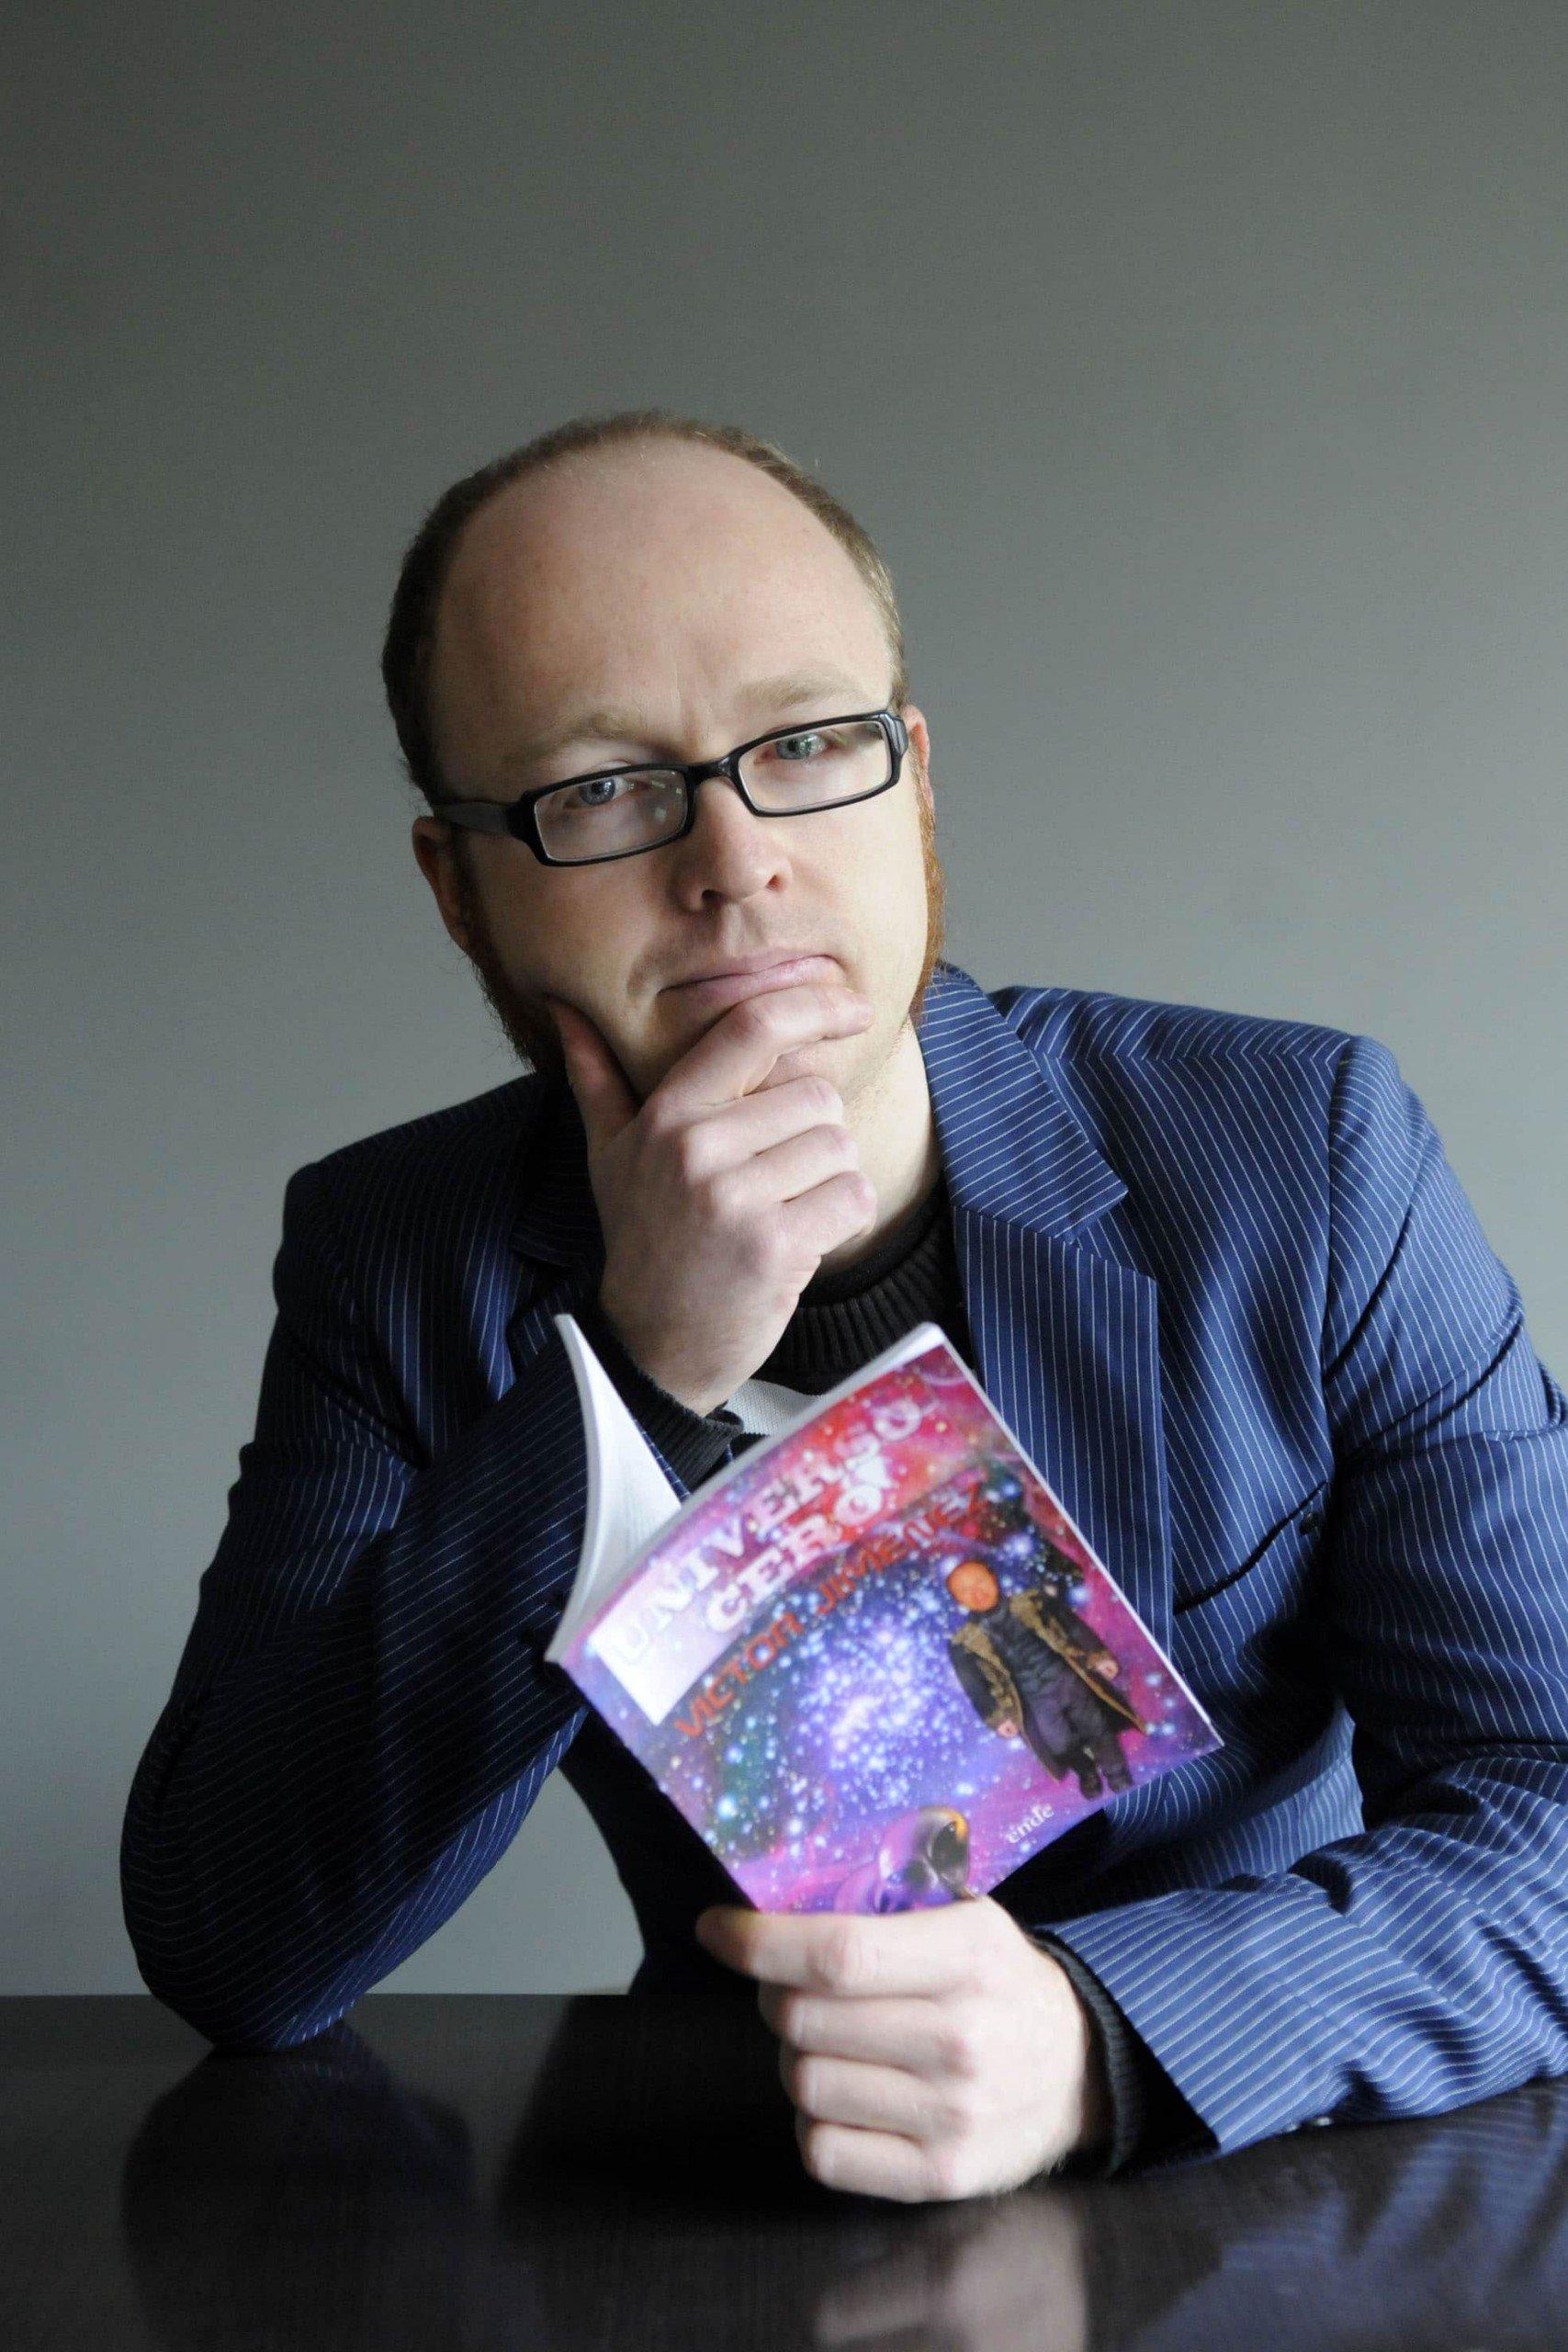 el escritor Carlos Jimenez con su nuevo libro.